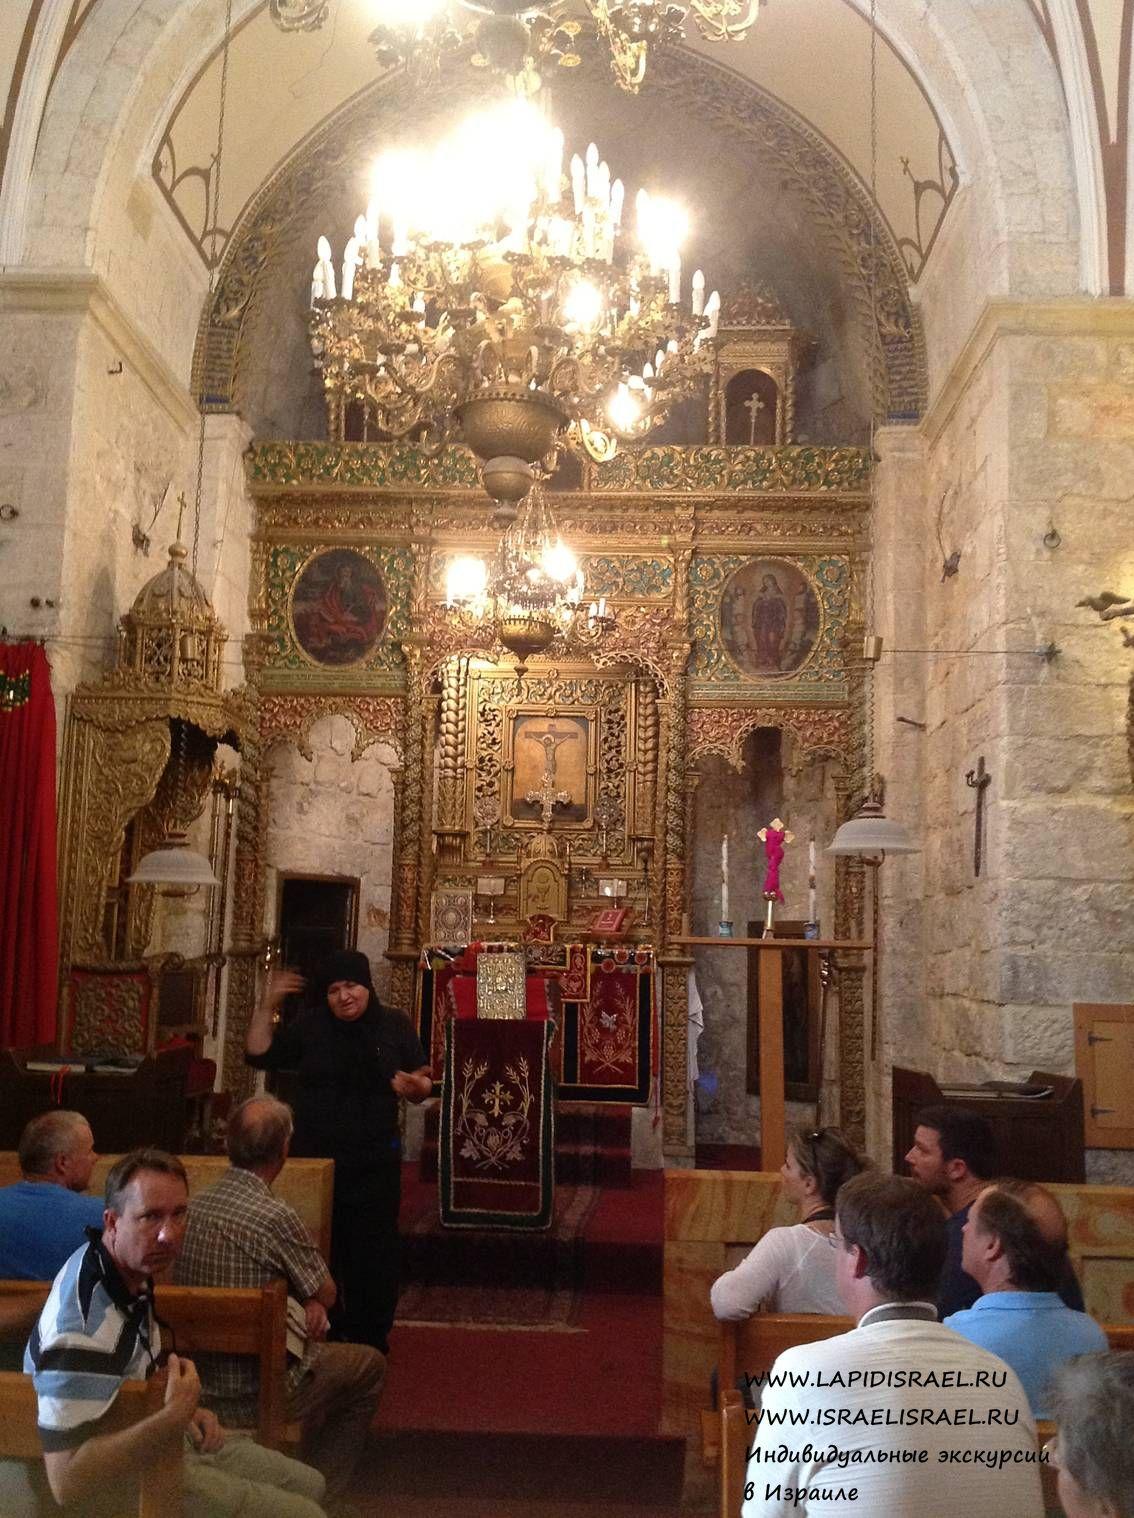 Israel Assyrian Church